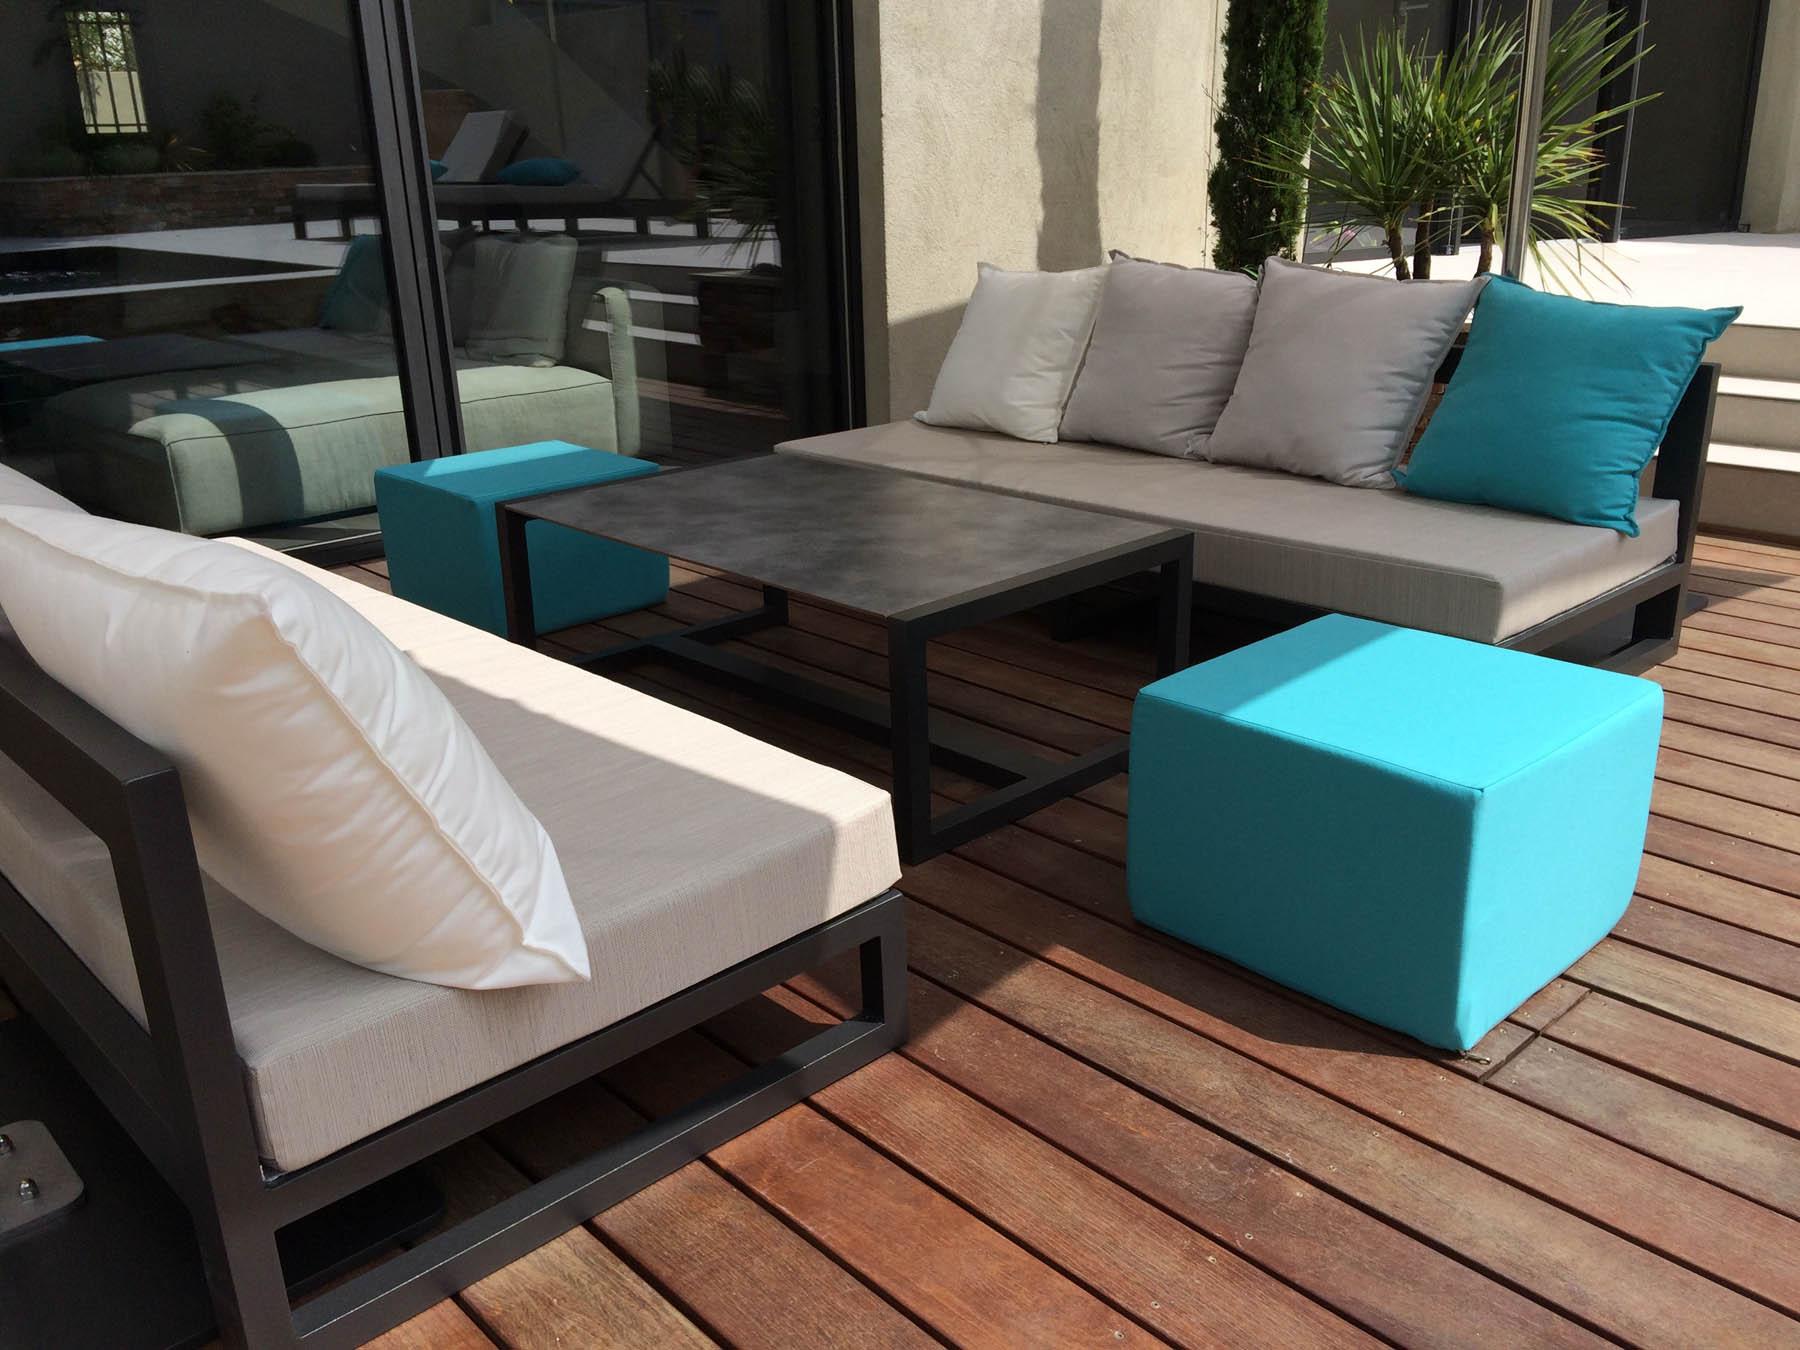 Mobilier De Jardin Alpes Maritimes mobilier de terrasse / transats personnalisés ~~ mobilier